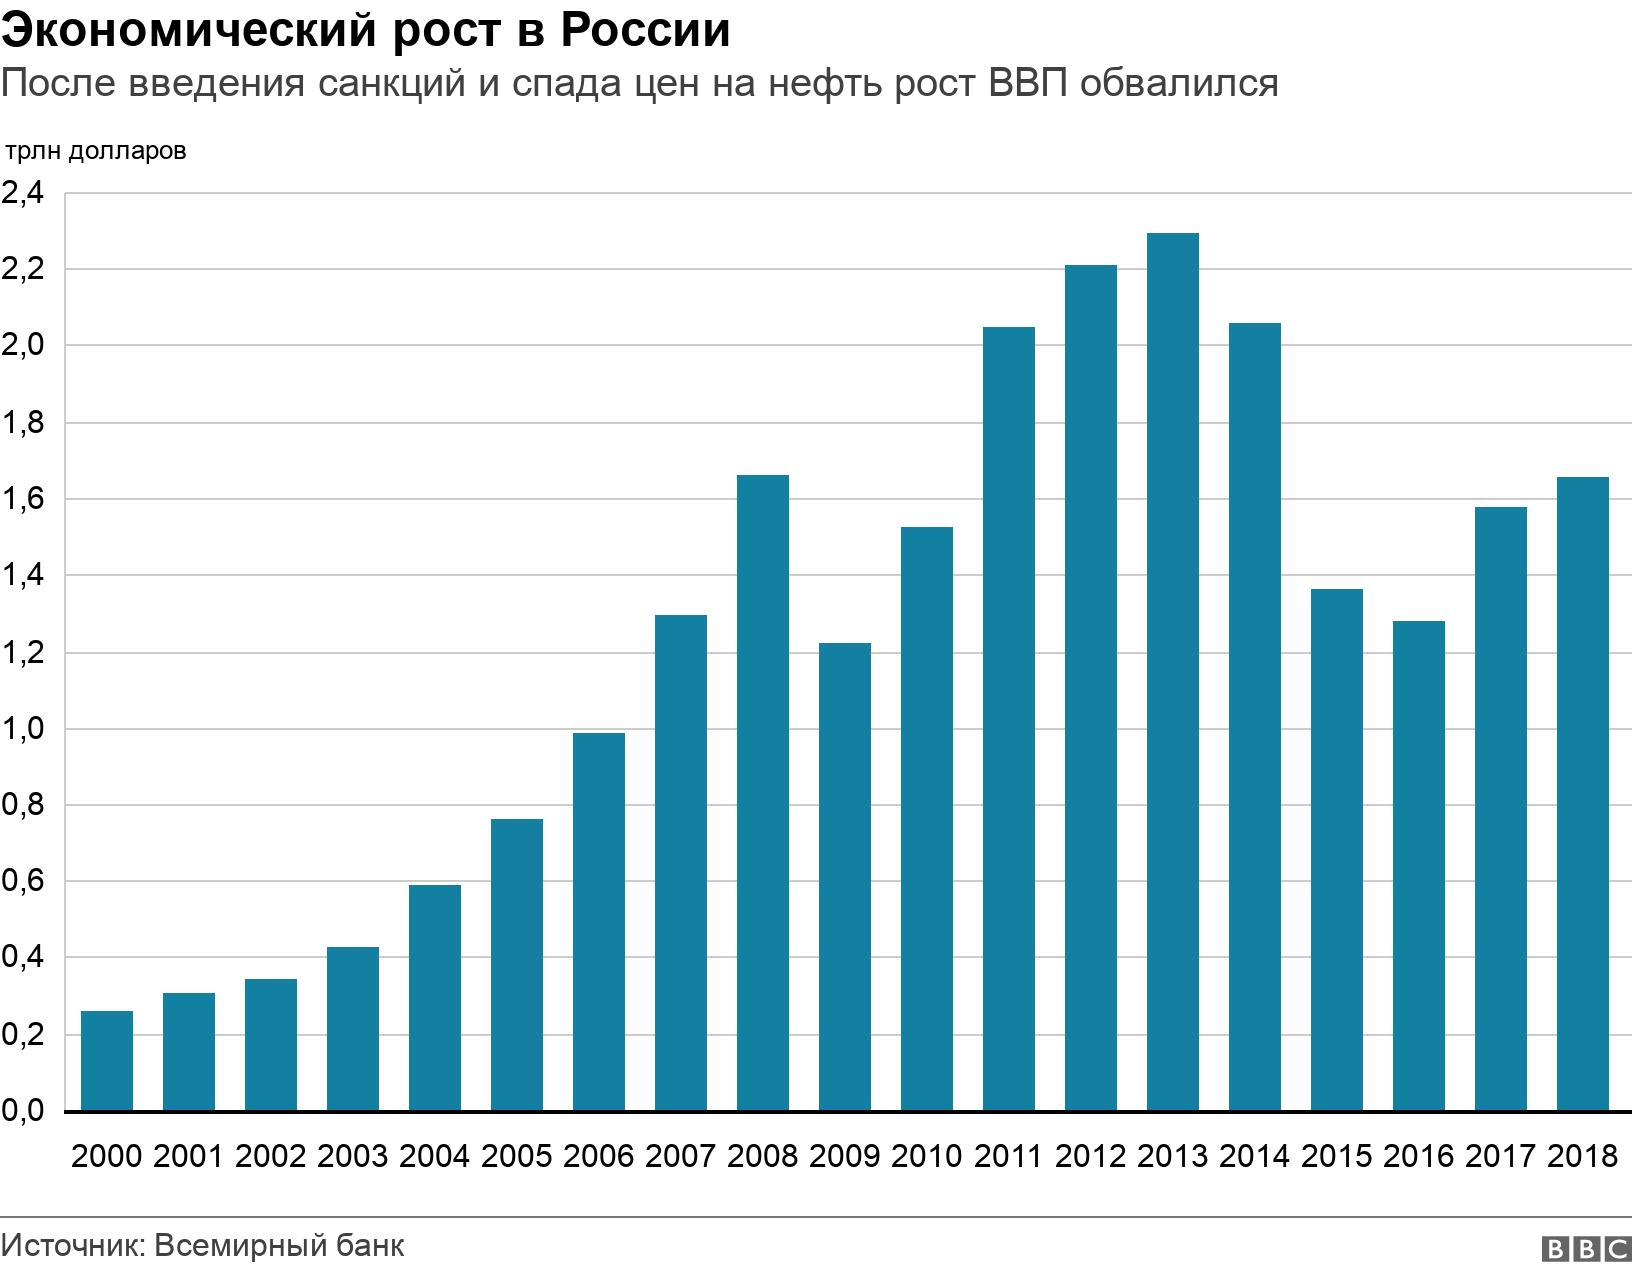 Экономический рост в России. После введения санкций и спада цен на нефть рост ВВП обвалился.  .